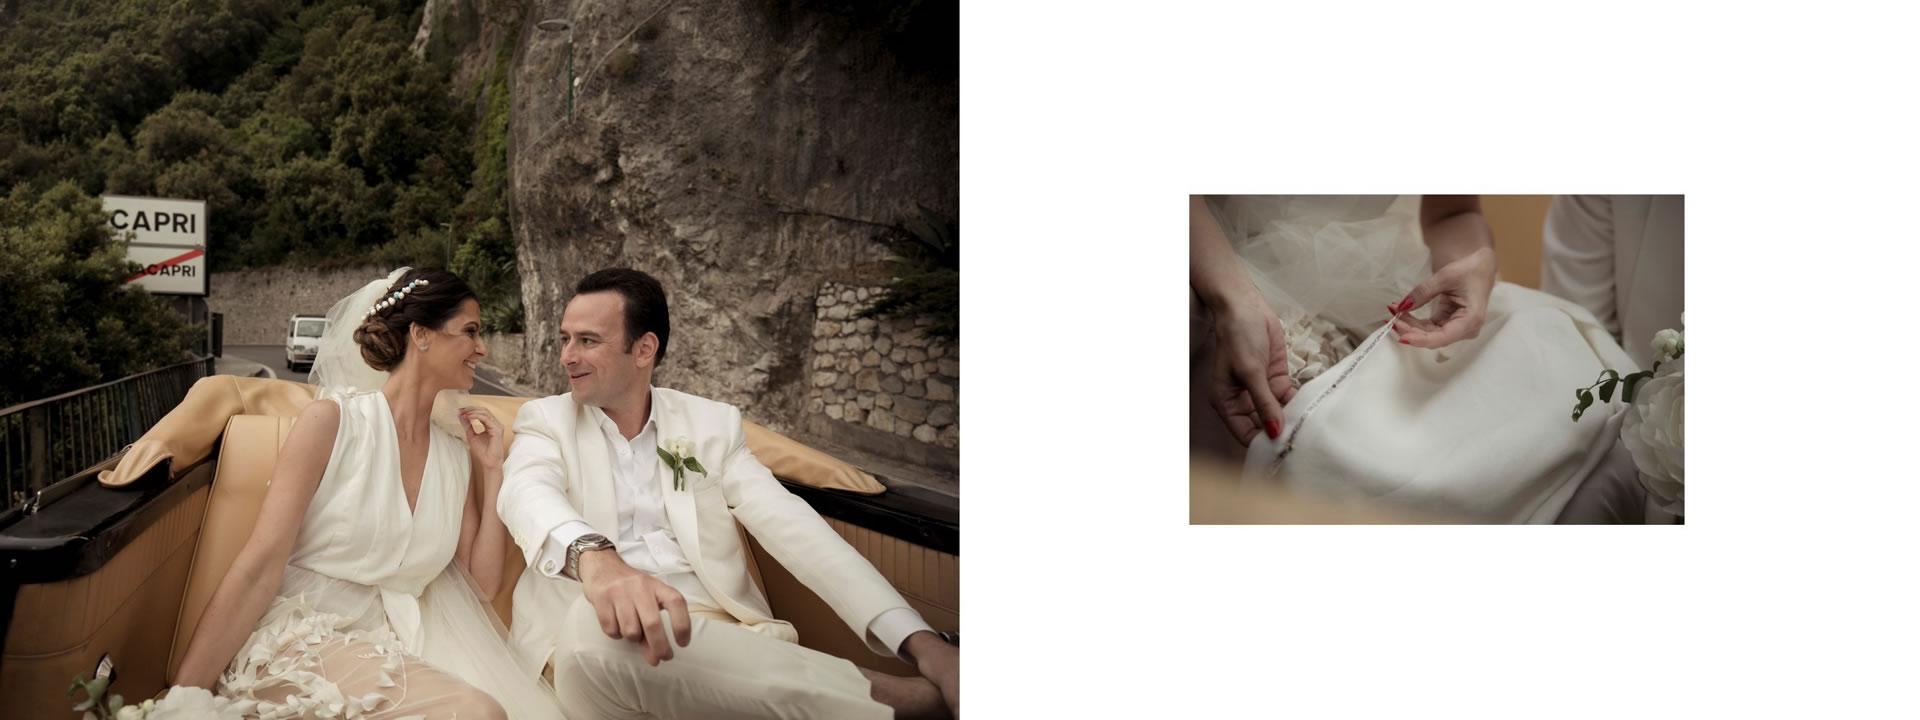 - 45 :: Jewish luxury wedding weekend in Capri :: Luxury wedding photography - 44 ::  - 45